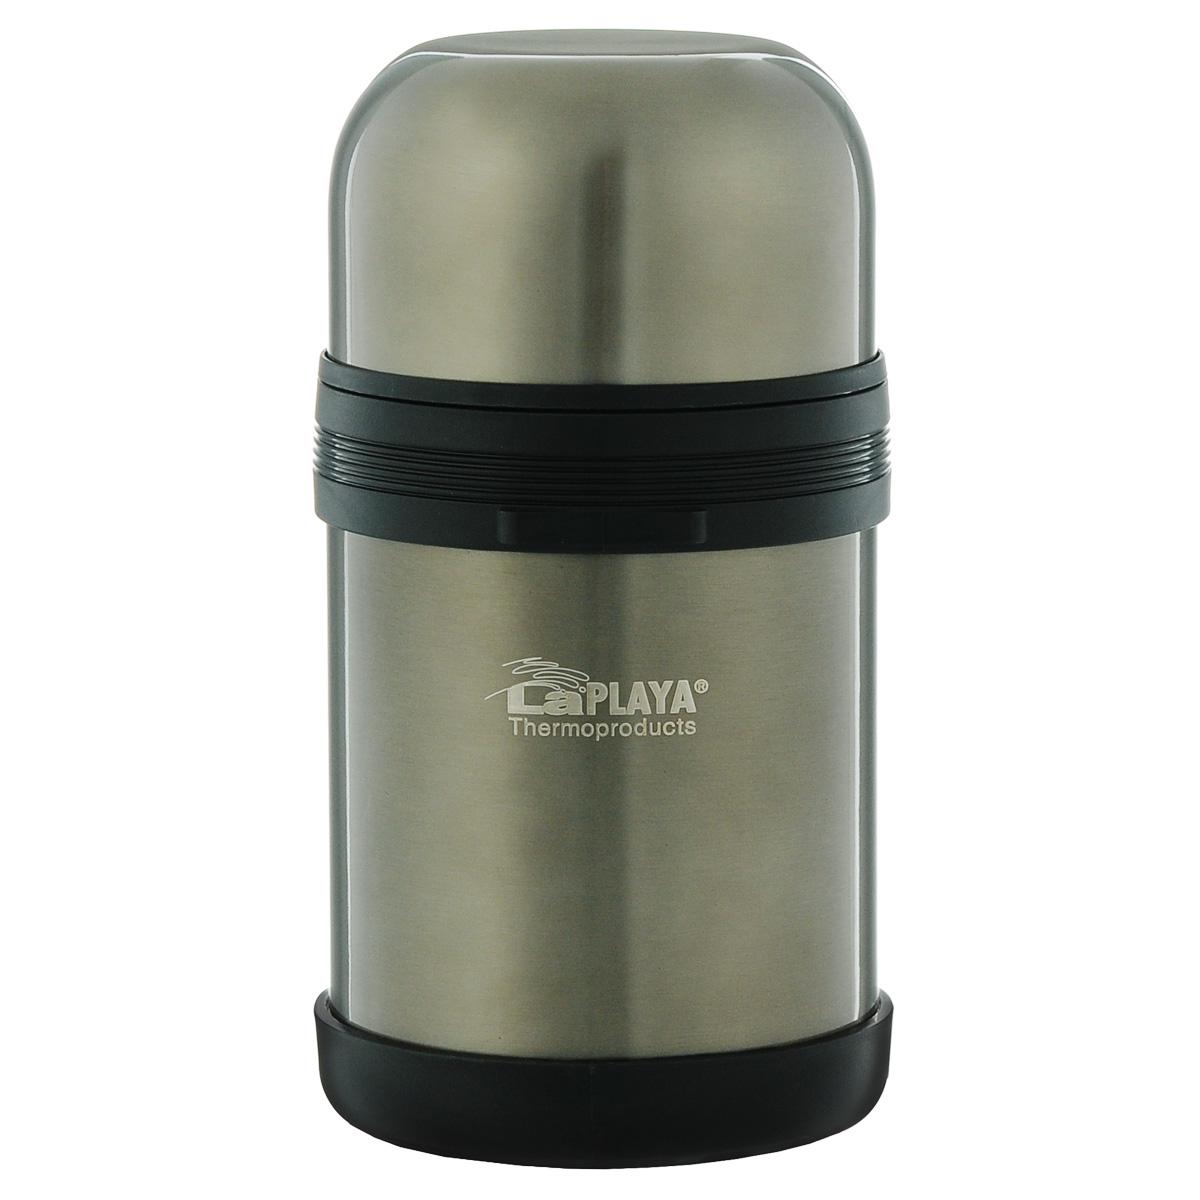 Термос LaPlaya Traditional, цвет: бежевый, 800 мл560044Термос LaPlaya Traditional оснащен двойными стенками с вакуумной изоляцией, которая позволяет сохранять напитки горячими и холодными длительное время. Легкий небьющийся корпус изготовлен из высококачественной нержавеющей стали. Широкая герметичная комбинированная пробка позволяет использовать термос для первых и вторых блюд при полном открывании и для напитков - при вывинчивании внутренней части. Изделие оснащено дополнительной пластиковой чашкой. Откидная ручка и съемный ремень позволяют удобно переносить термос.Термос LaPlaya Traditional идеален для вторых блюд, супов и напитков.Диаметр горлышка: 7,5 см.Высота термоса: 20 см.